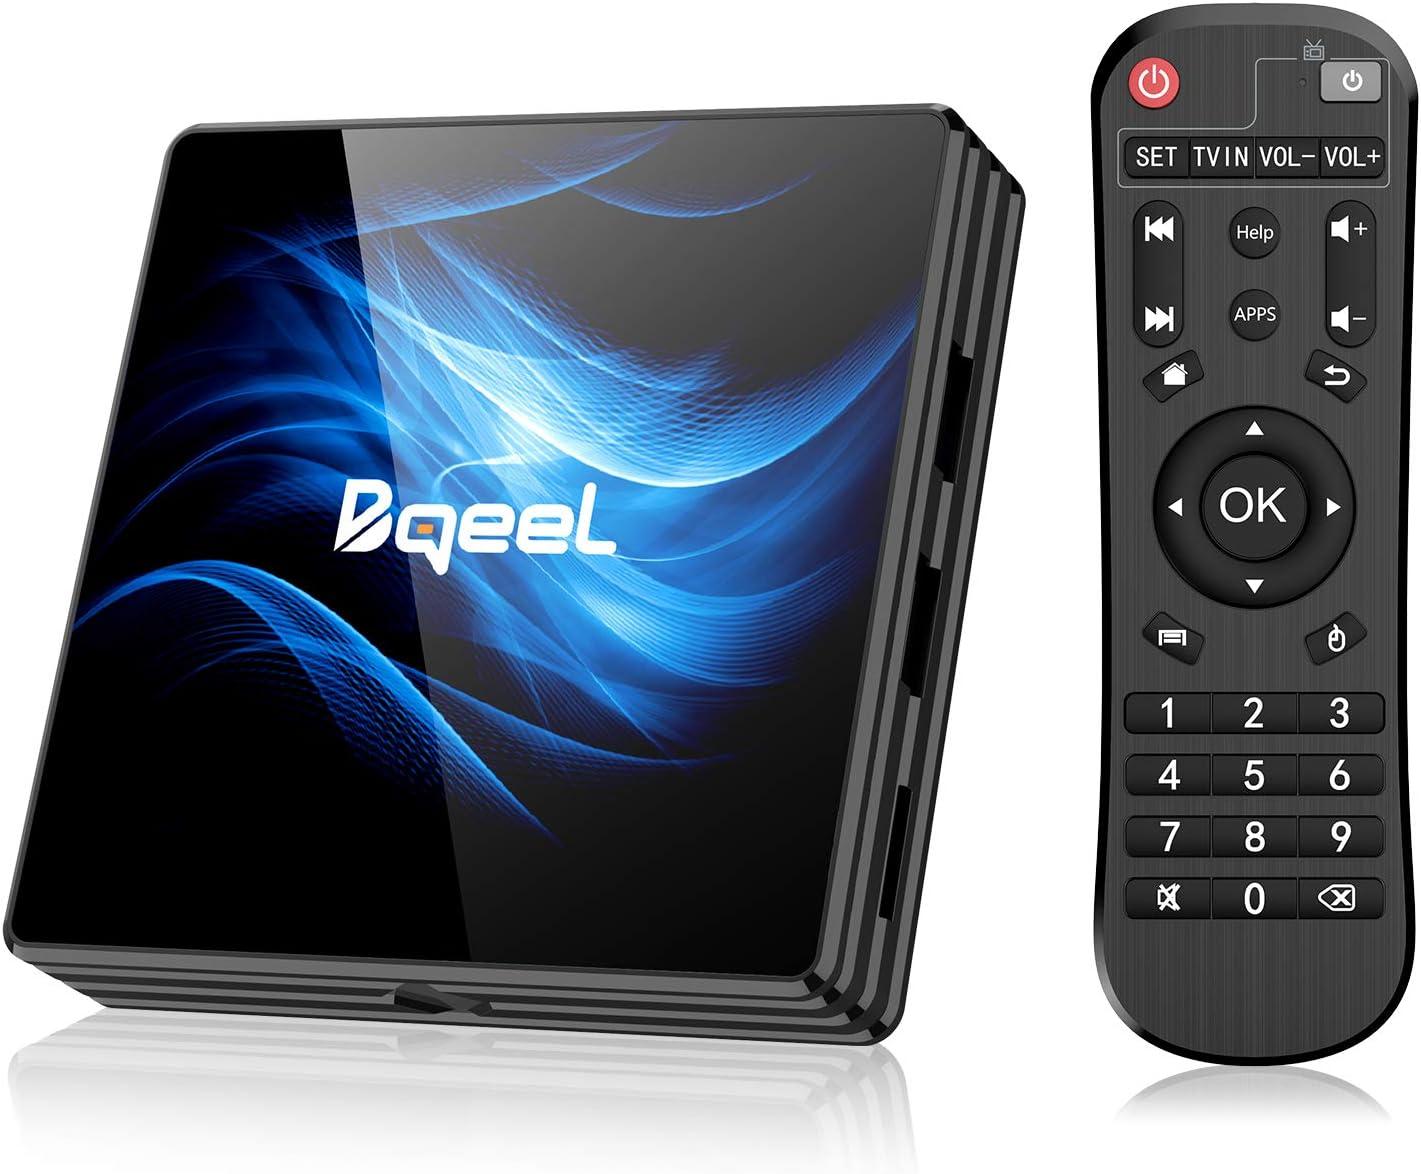 Android 10.0 TV Box 4GB RAM 64GB ROM, Bqeel TV Box Android RK3318 Quad-Core 64bit with Dual-WiFi 5GHz/2.4GHz, 3D Ultra HD 4K, BT 4.0 USB 3.0 Smart TV Box